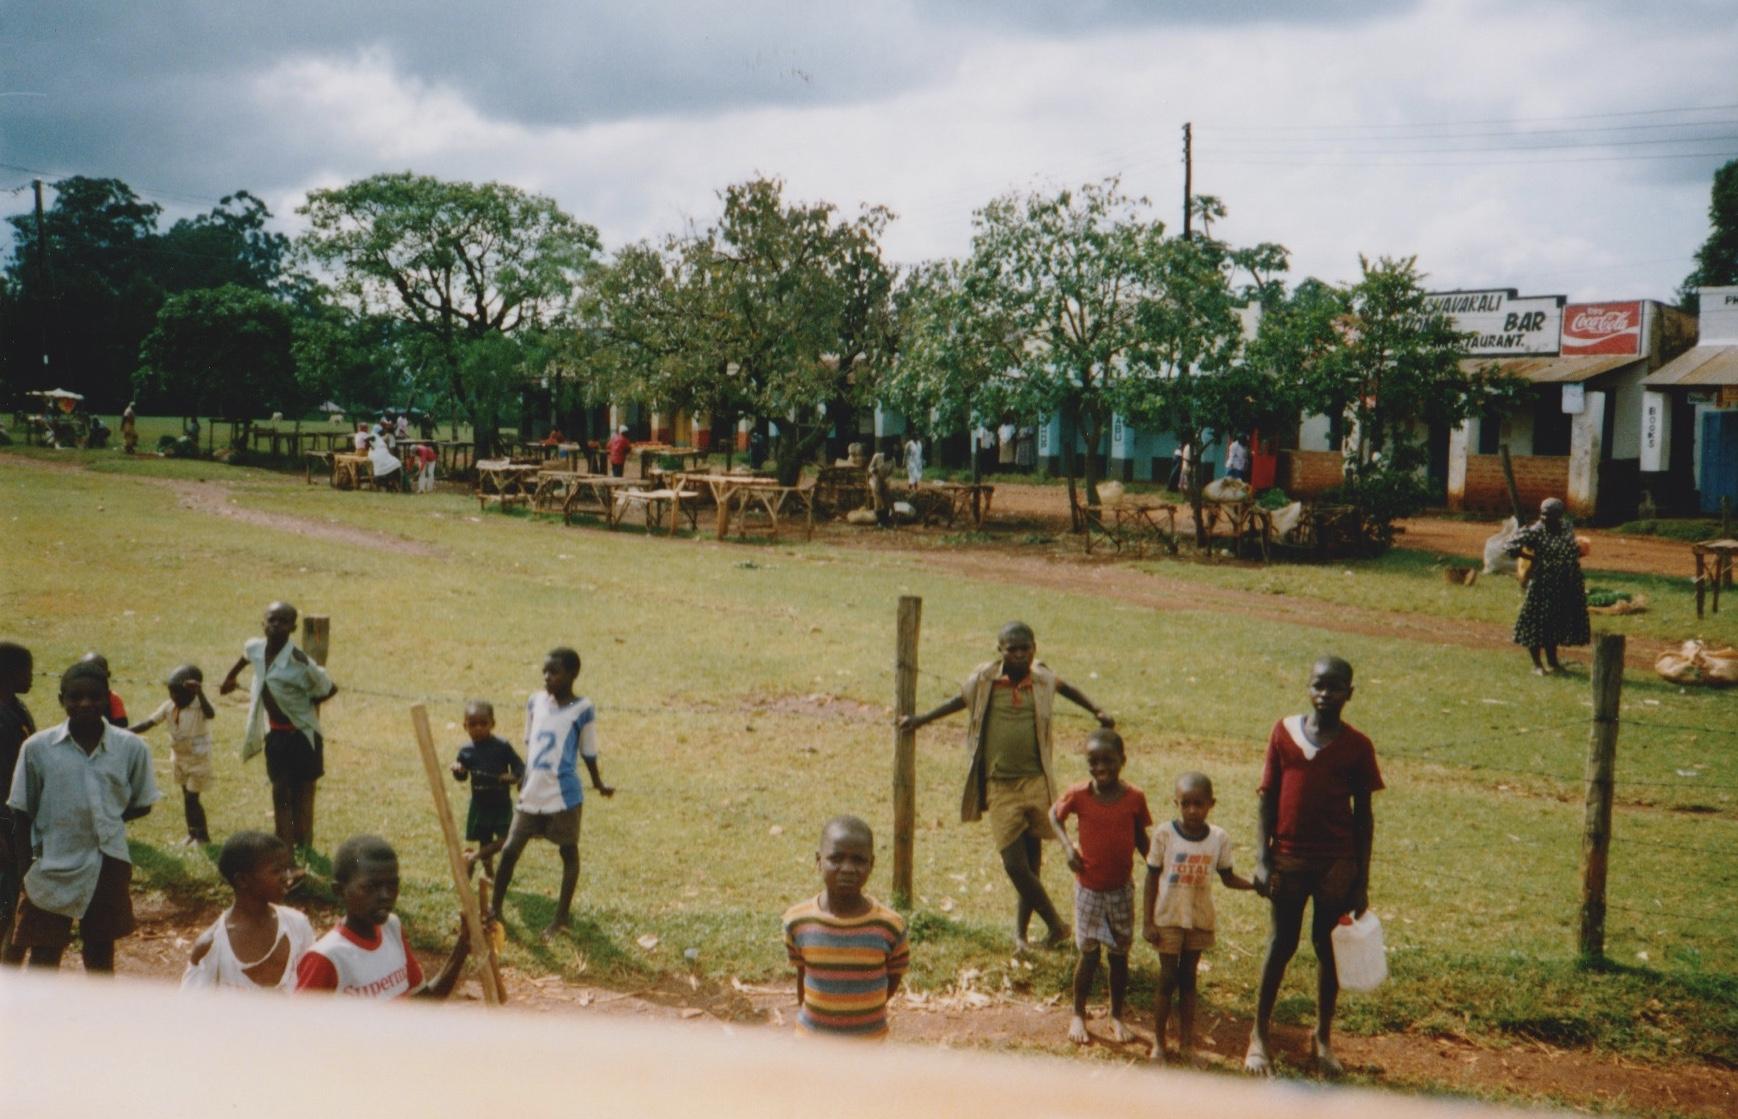 A roadside scene in Uganda.